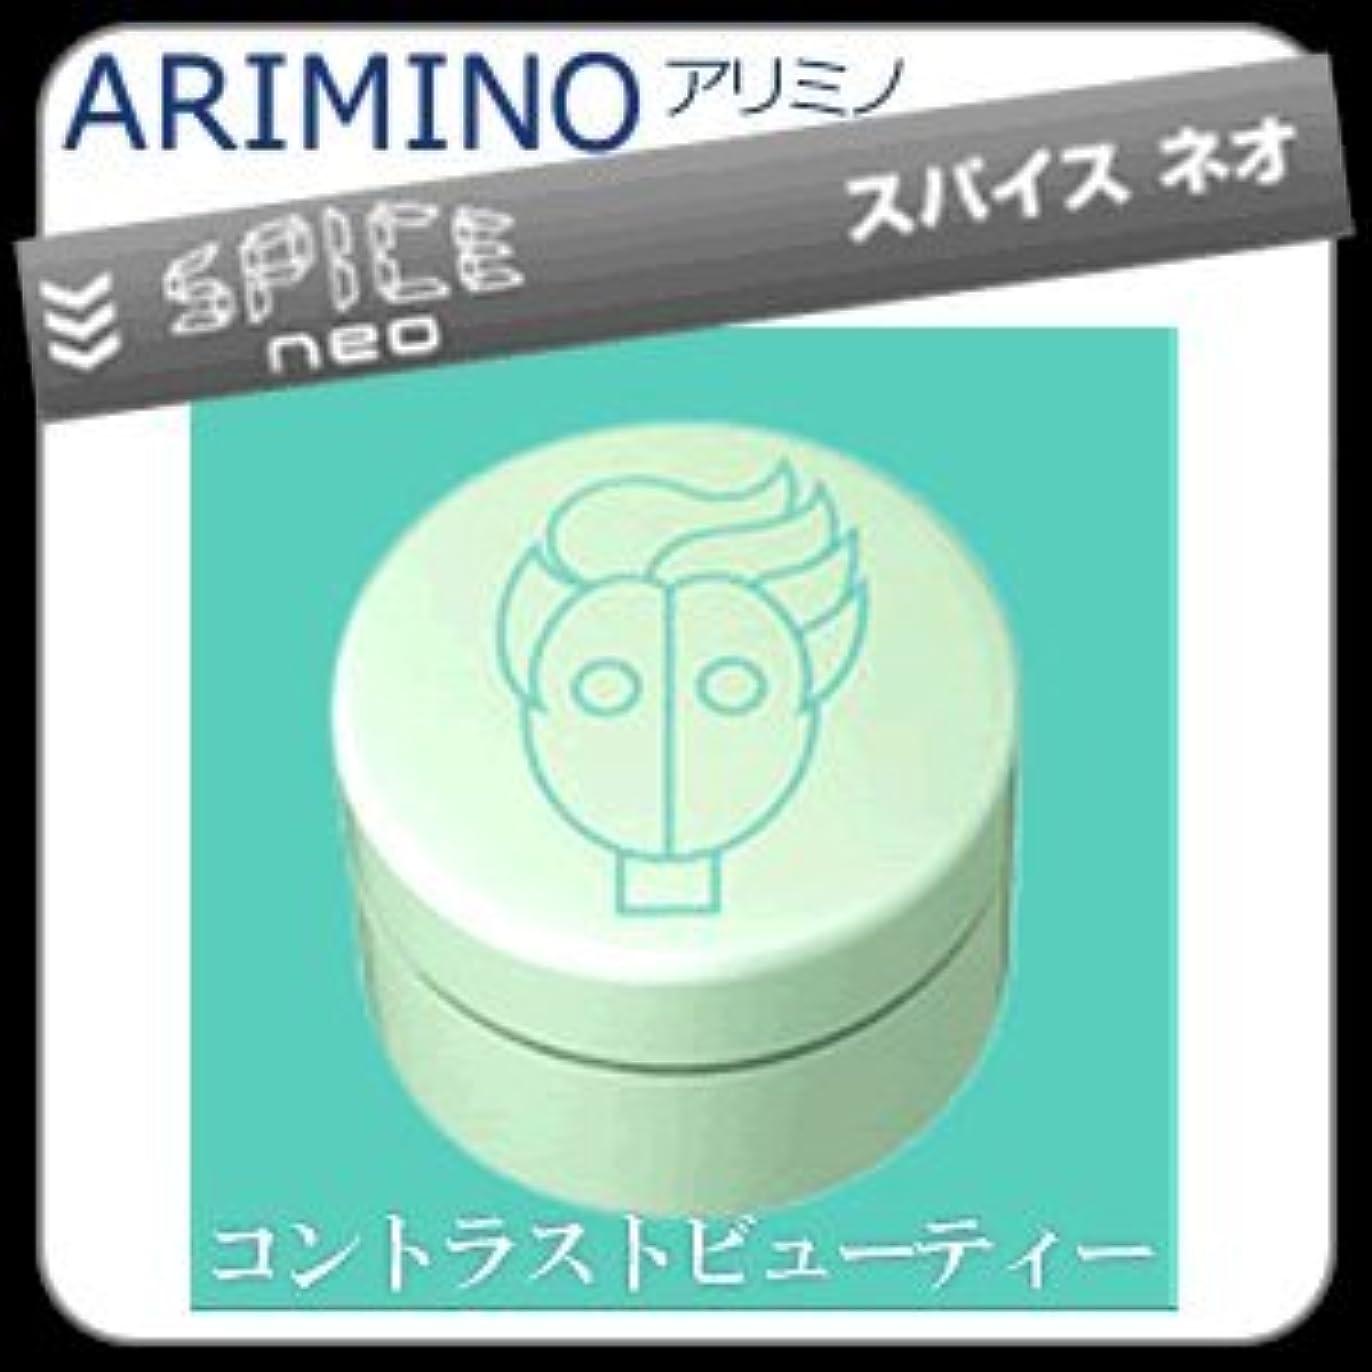 追い払う密接に訴える【X5個セット】 アリミノ スパイスネオ GREASE-WAX グリースワックス 100g ARIMINO SPICE neo